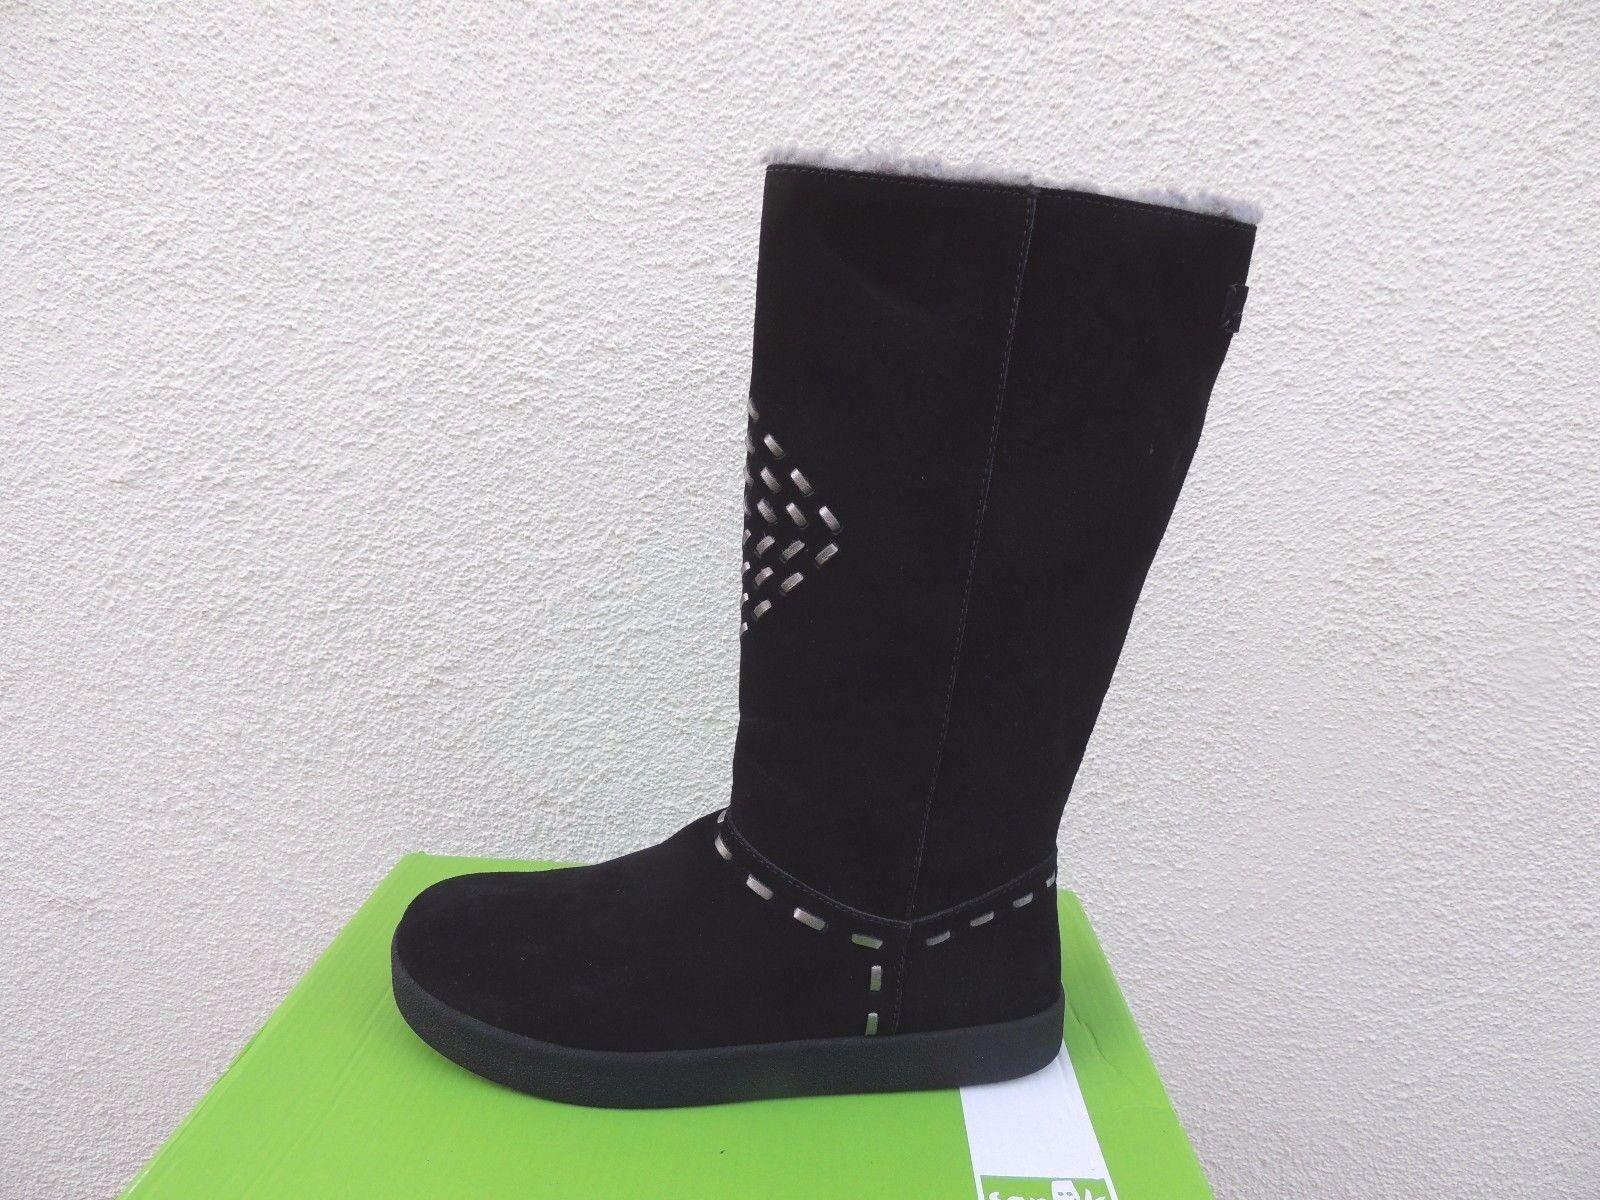 Sanuk Tostado colas Altas Gamuza Negra botas Altas colas forrado de piel sintética, tamaño nos 7 38 euros  Nuevo 4fc51e